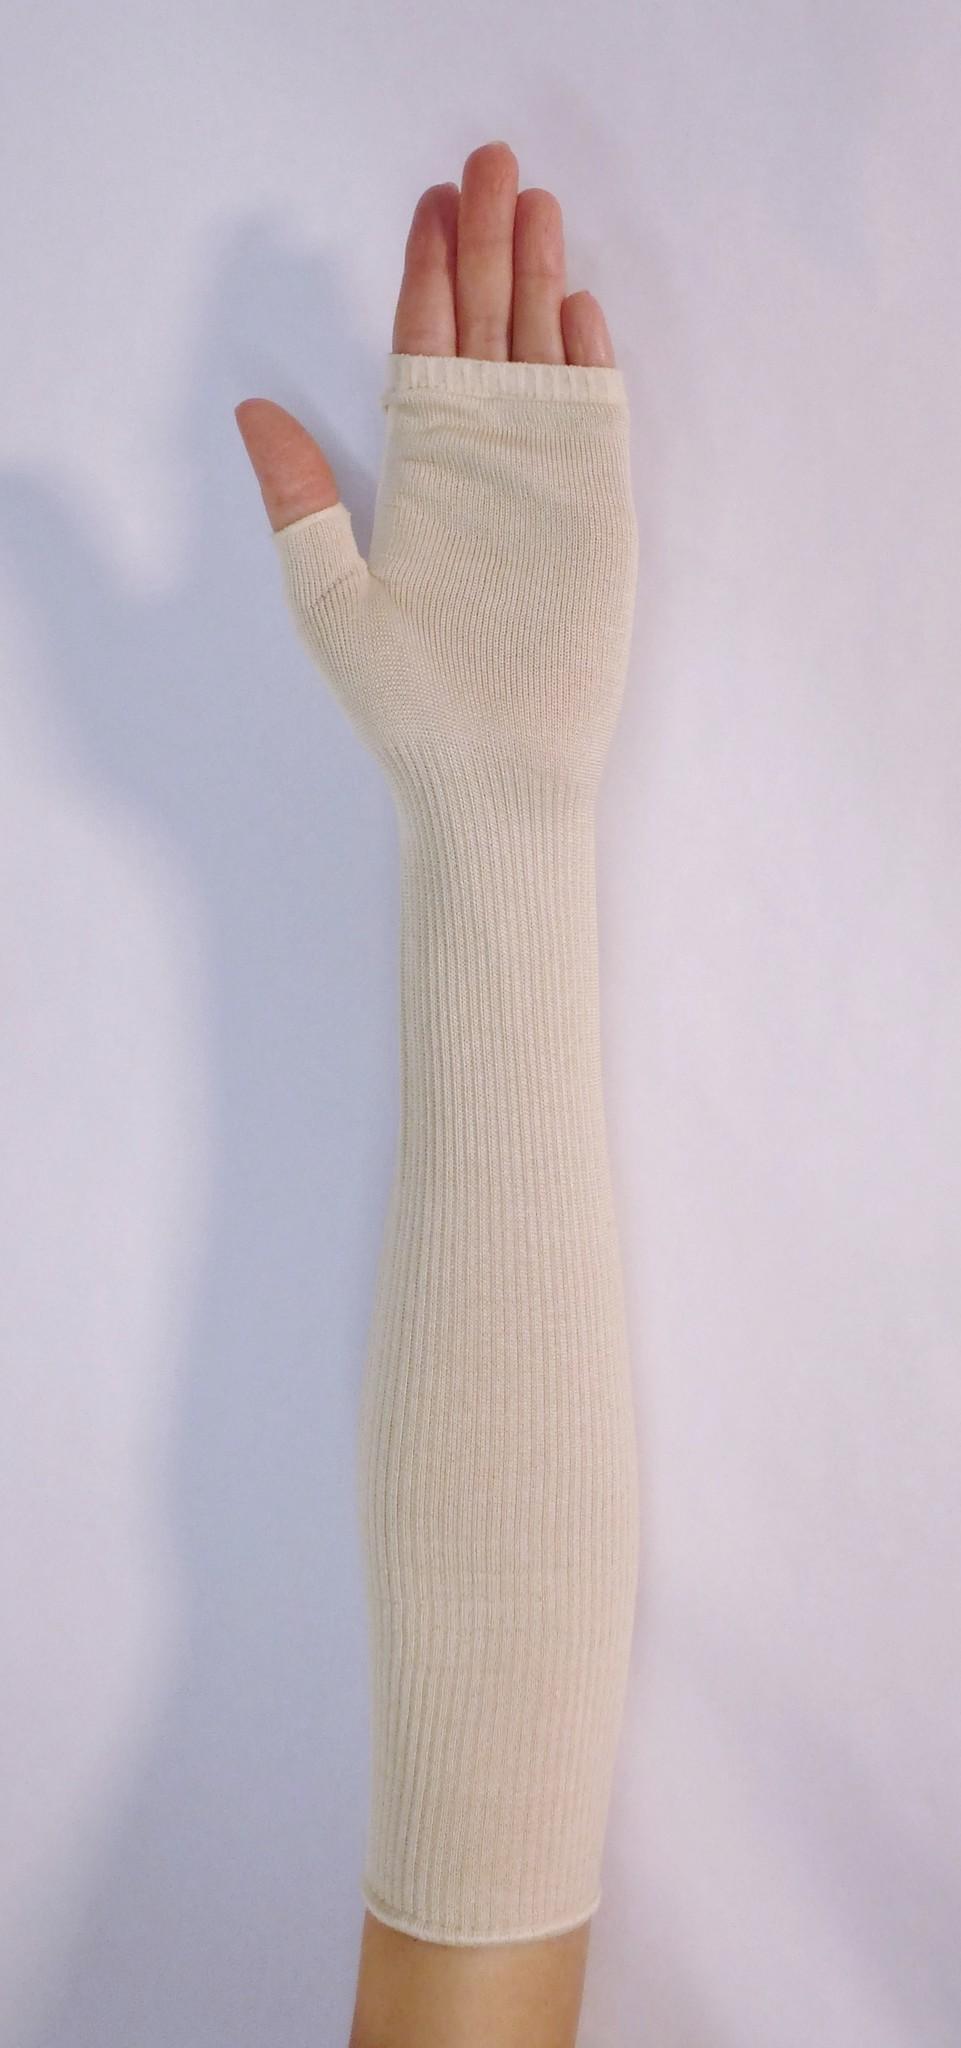 Zijde Mittens/Vingerloze handschoenen/Mittaines.